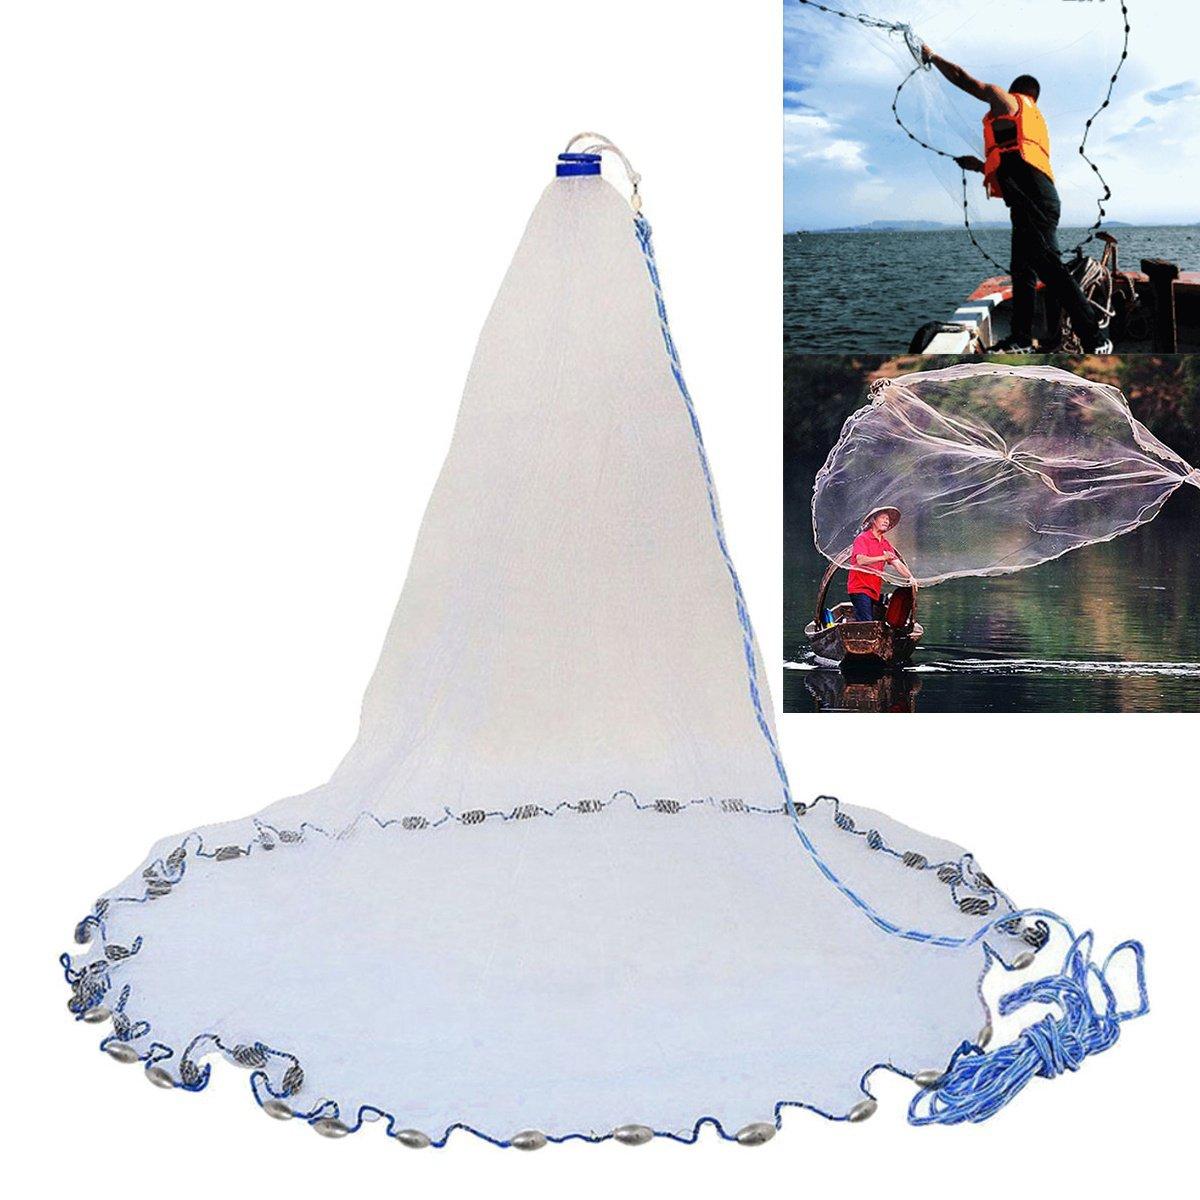 Rosafishs 2,4m-4,8m grose Hand Spin gemahlen Netz Spin Hand Network Bait Fish Net Portable Sinker Net - ce0905